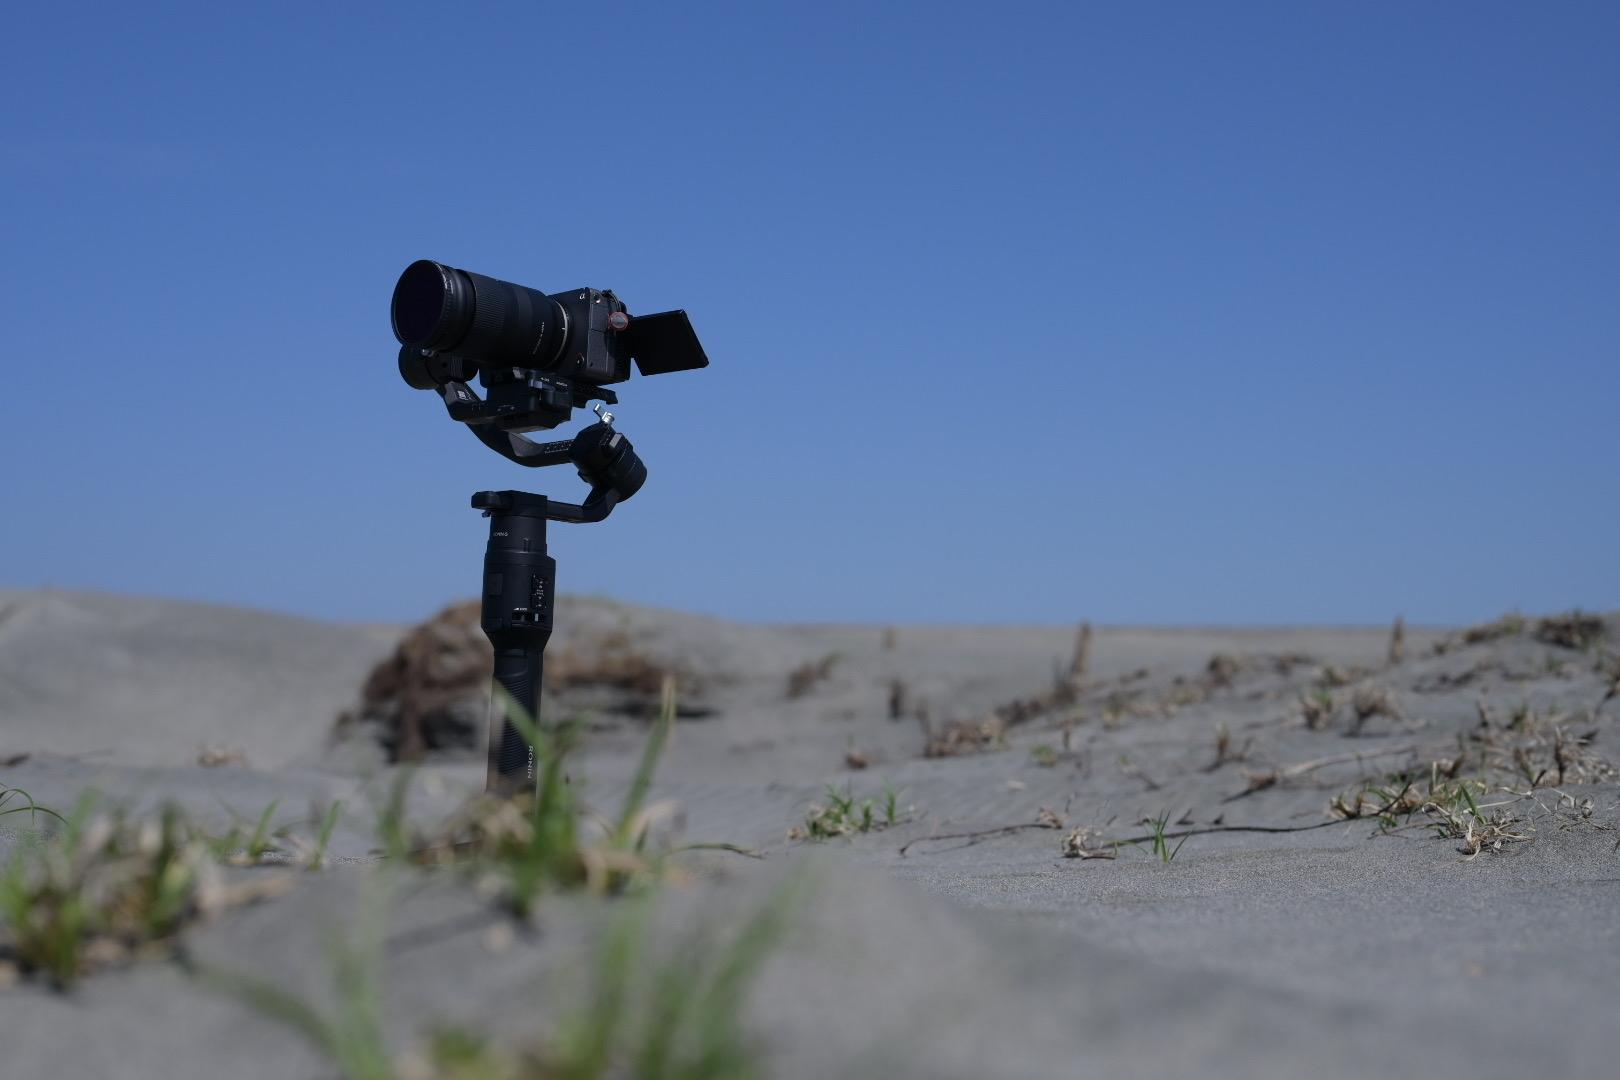 動画制作ってどれくらい費用がかかるのですかというお問い合わせについて